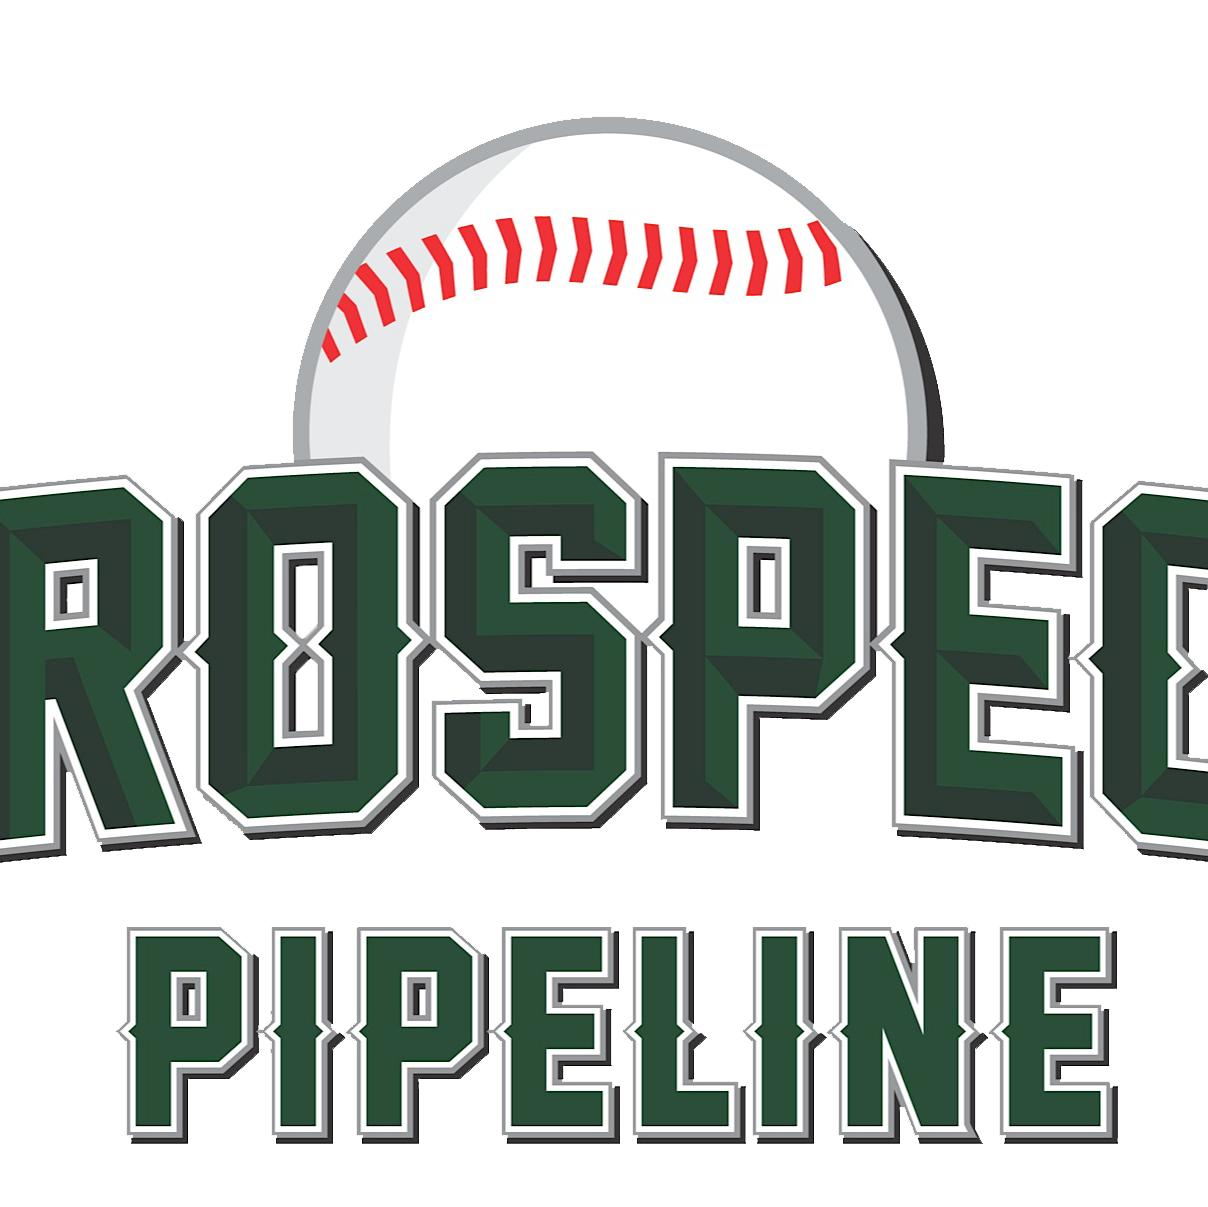 prospect pipeline theprospipeline twitter